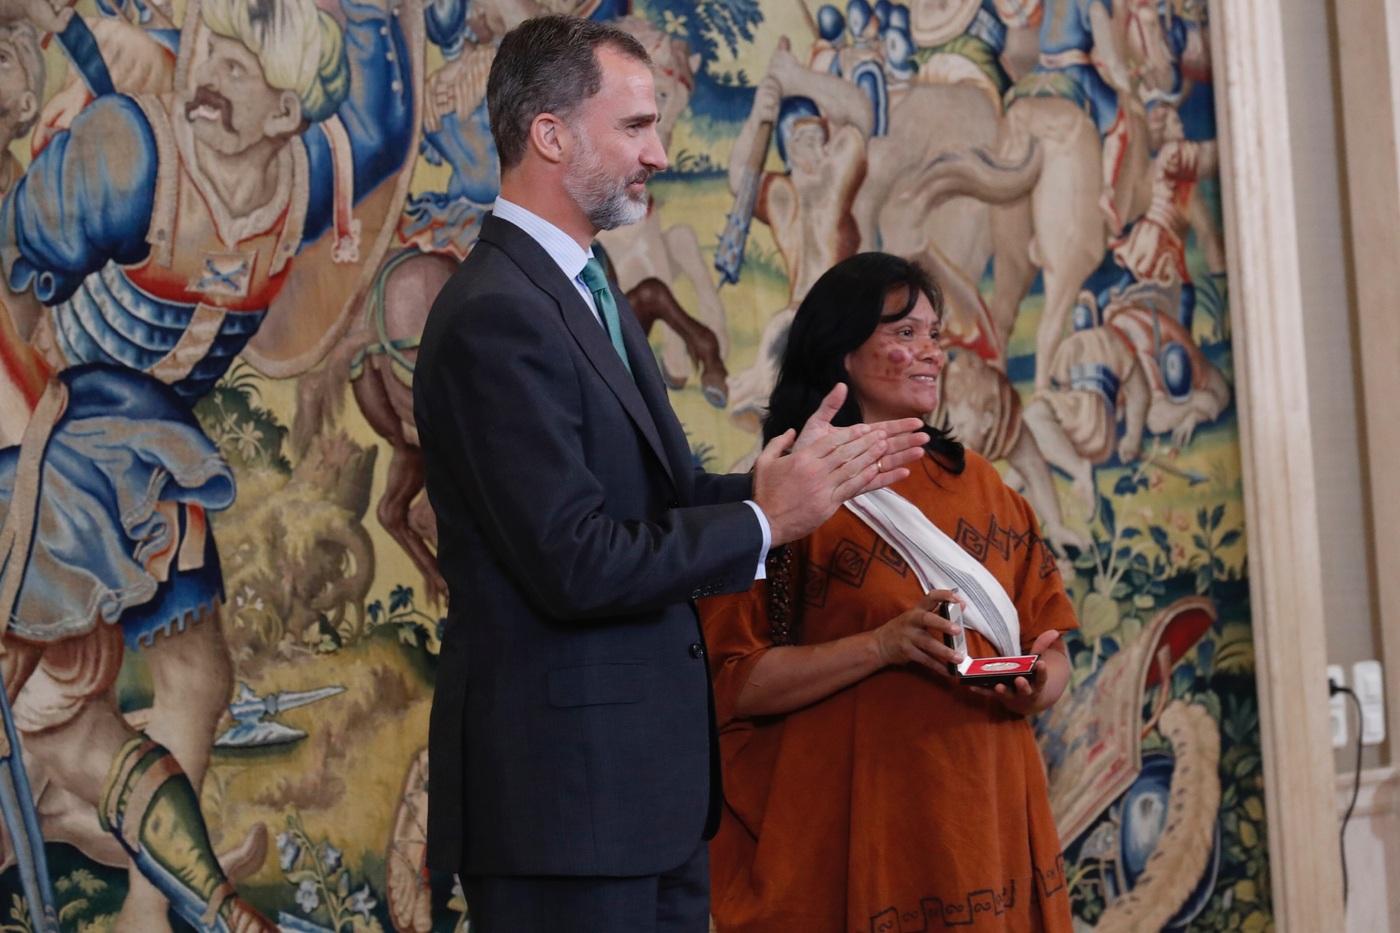 Per rey de espa a entreg premio bartolom de las casas a la l der ind gena ruth buend a - Pueblos de espana que ofrecen casa y trabajo 2017 ...